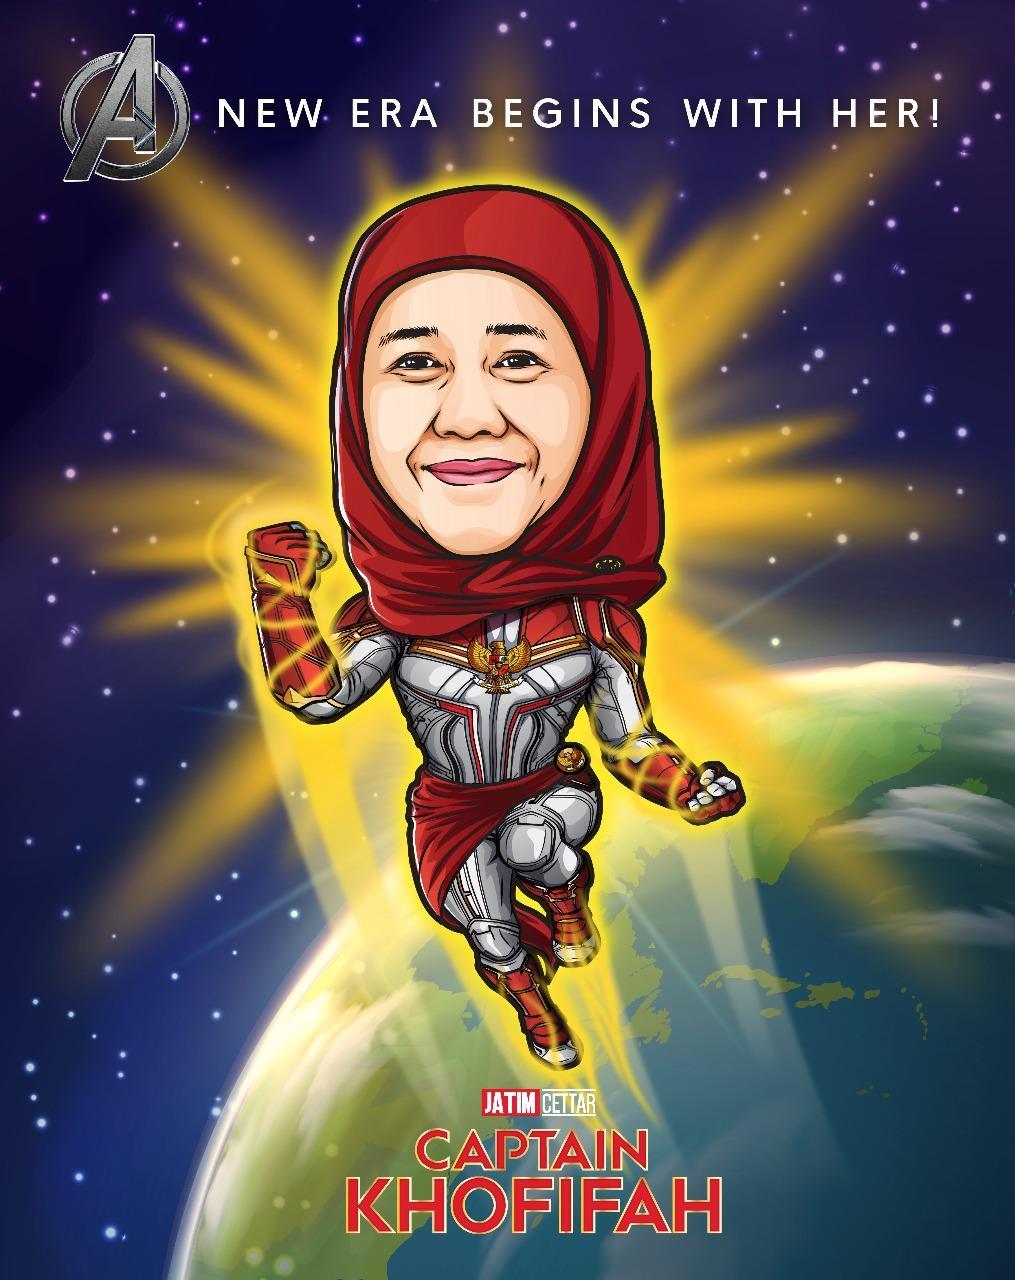 Demam Avangers : Endgame, Khofifah Tampil Bak Captain Marvel